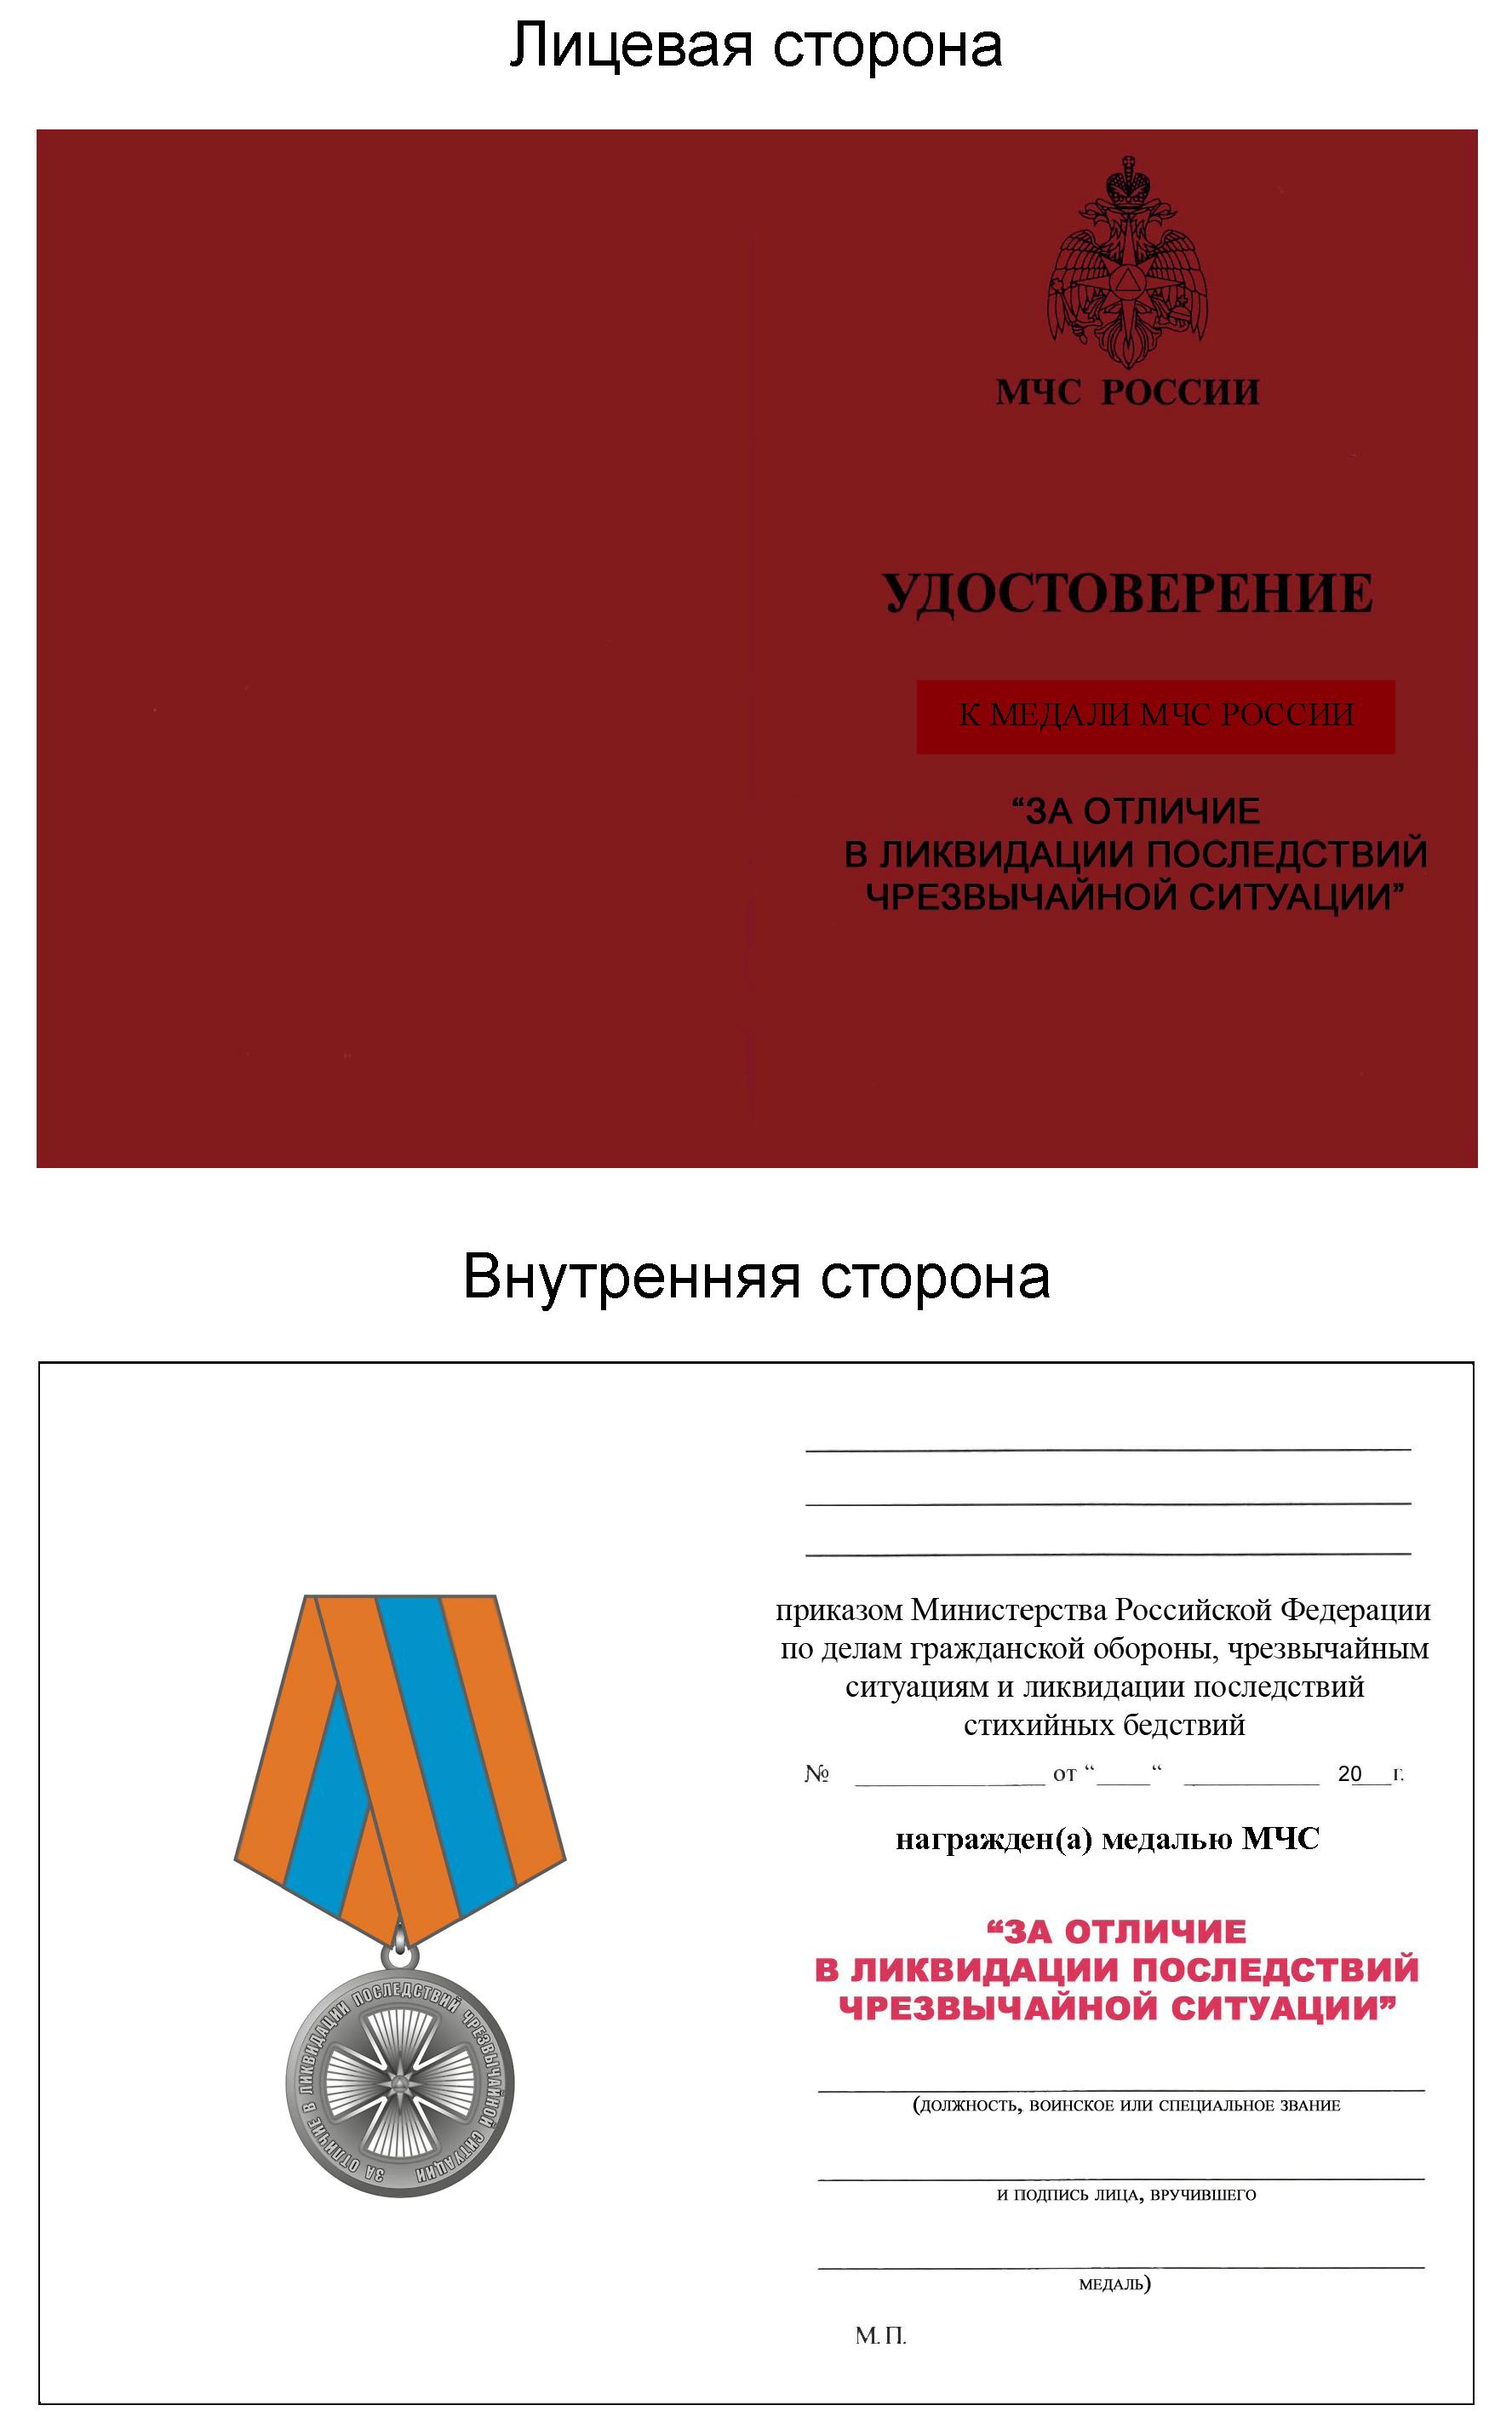 ПРИЛОЖЕНИЕ 3 К ПОЛОЖЕНИЮ 4, УТВ. ПРИКАЗОМ МЧС РФ ОТ 06.12.2010 N 620